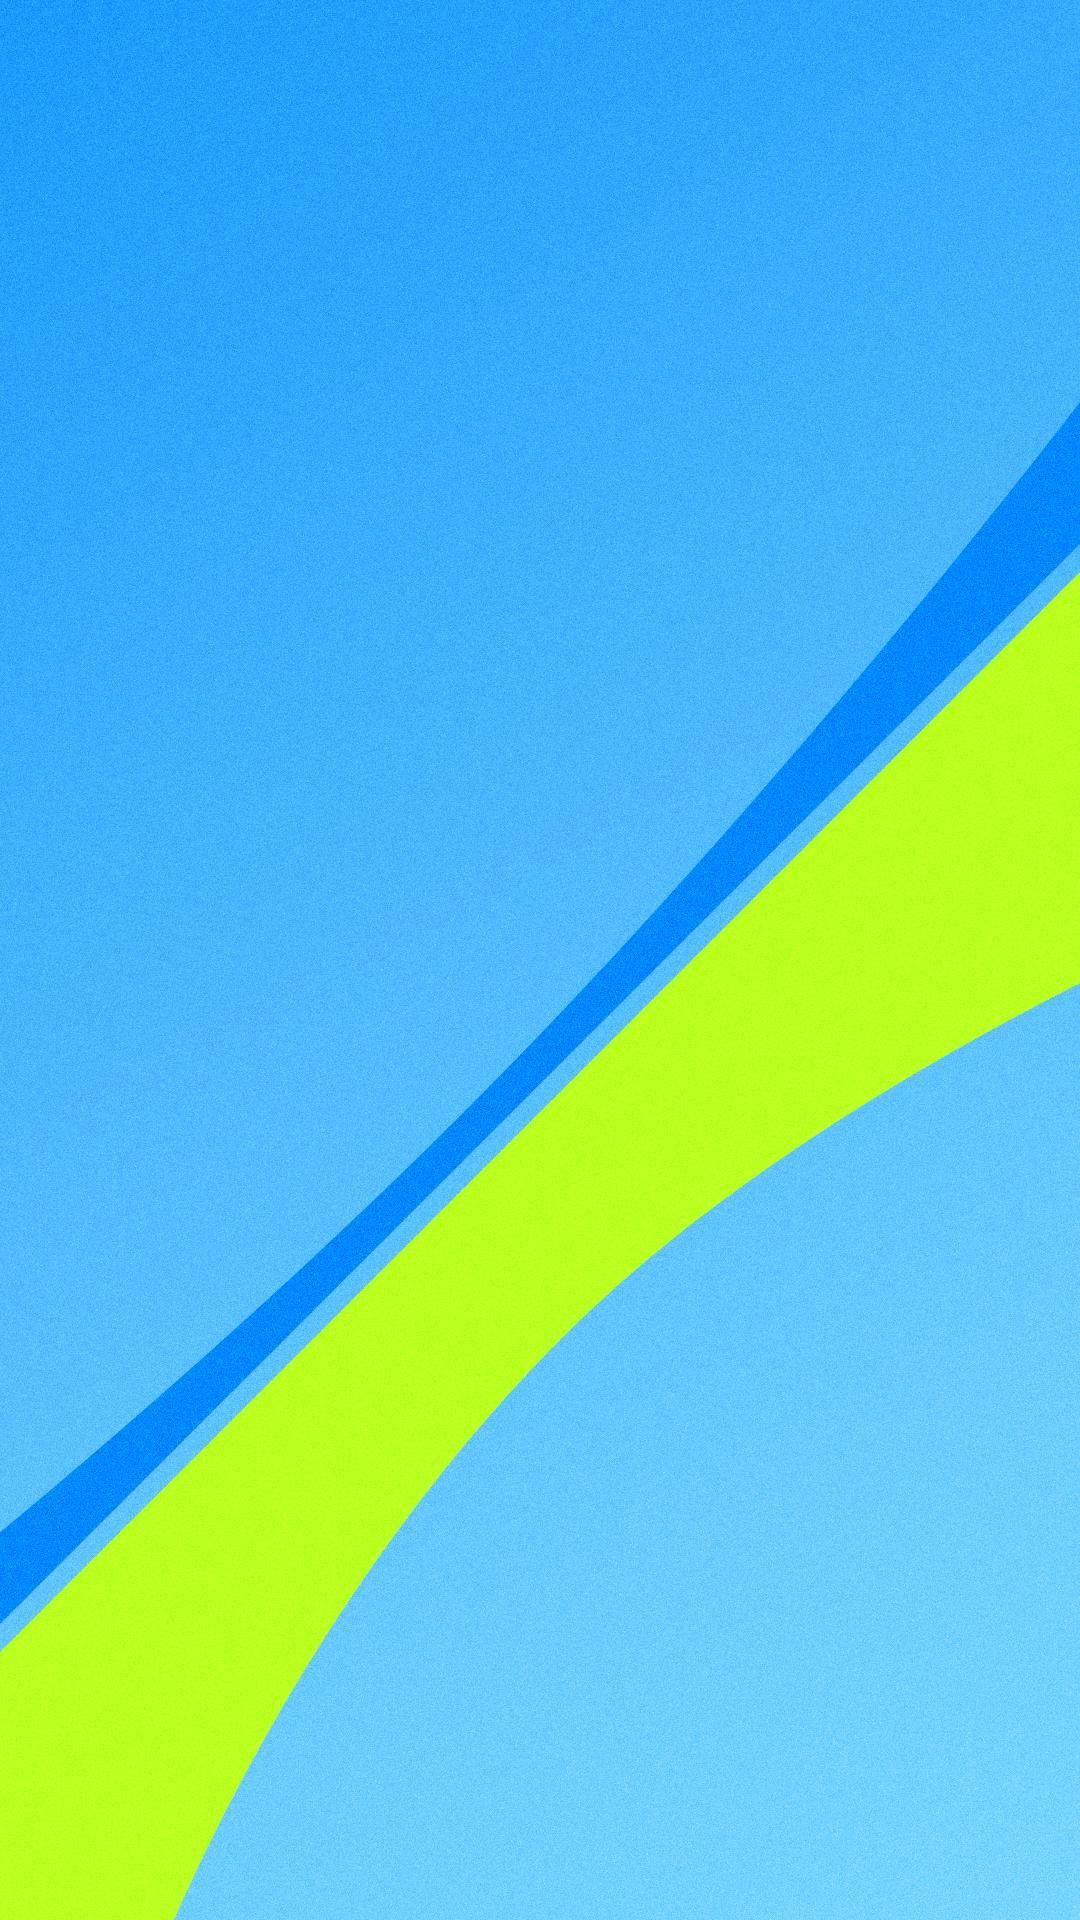 Nexus 5 Simple Wallpapers 壁紙